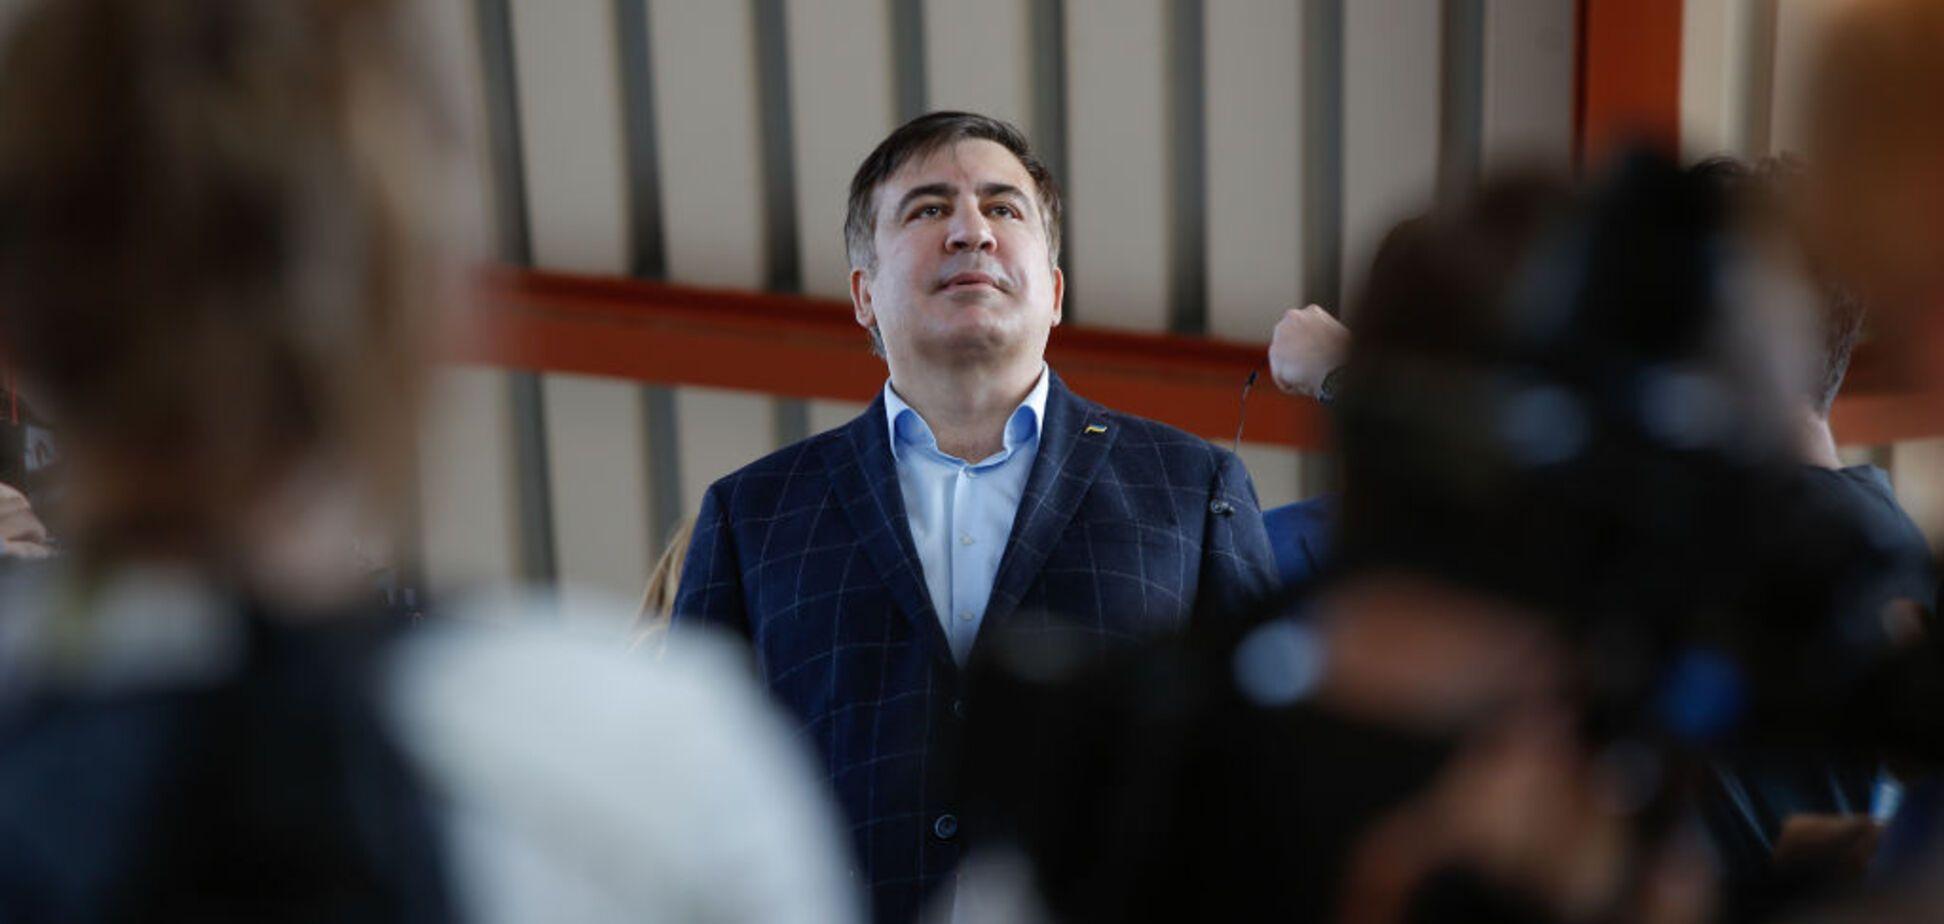 Визит правоохранителей к Саакашвили: адвокат рассказал подробности